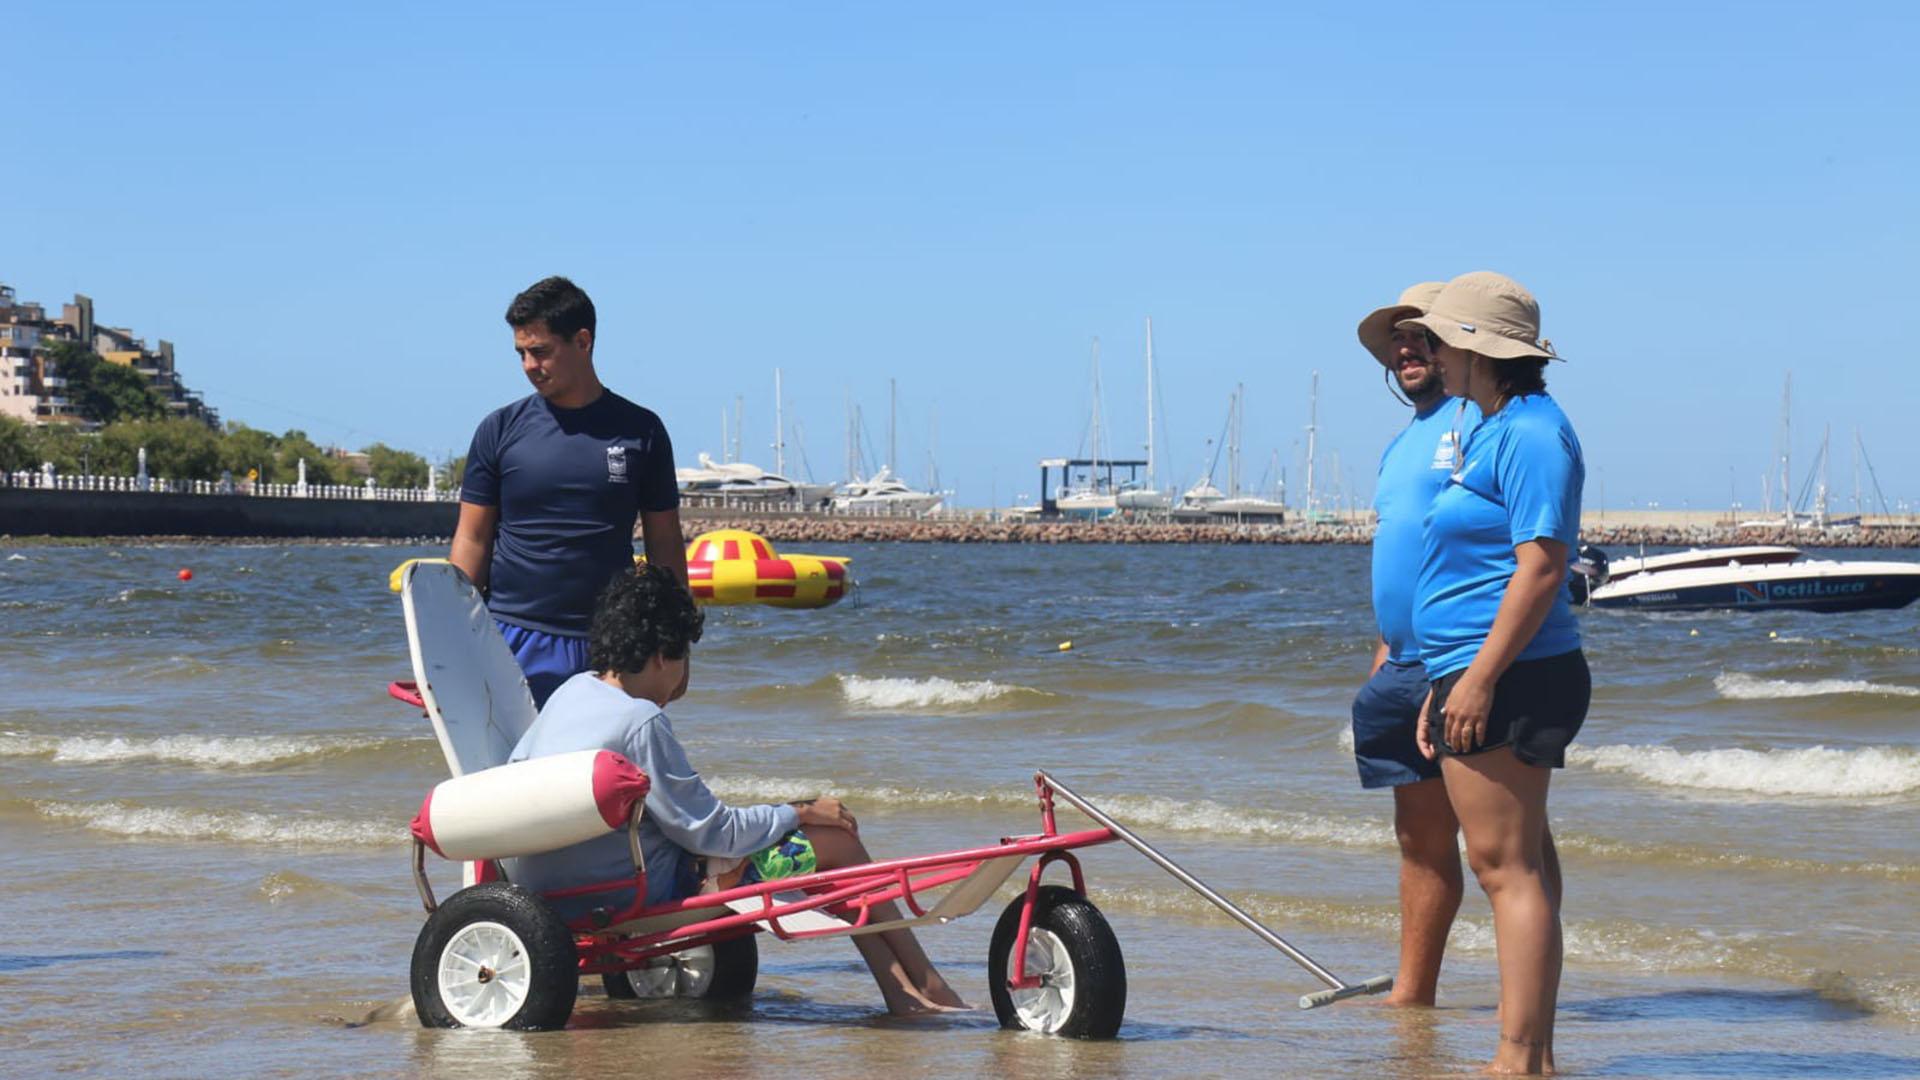 La silla, el joven y los profesionales encargados de llevarlo al agua: una postal de la playa inclusiva